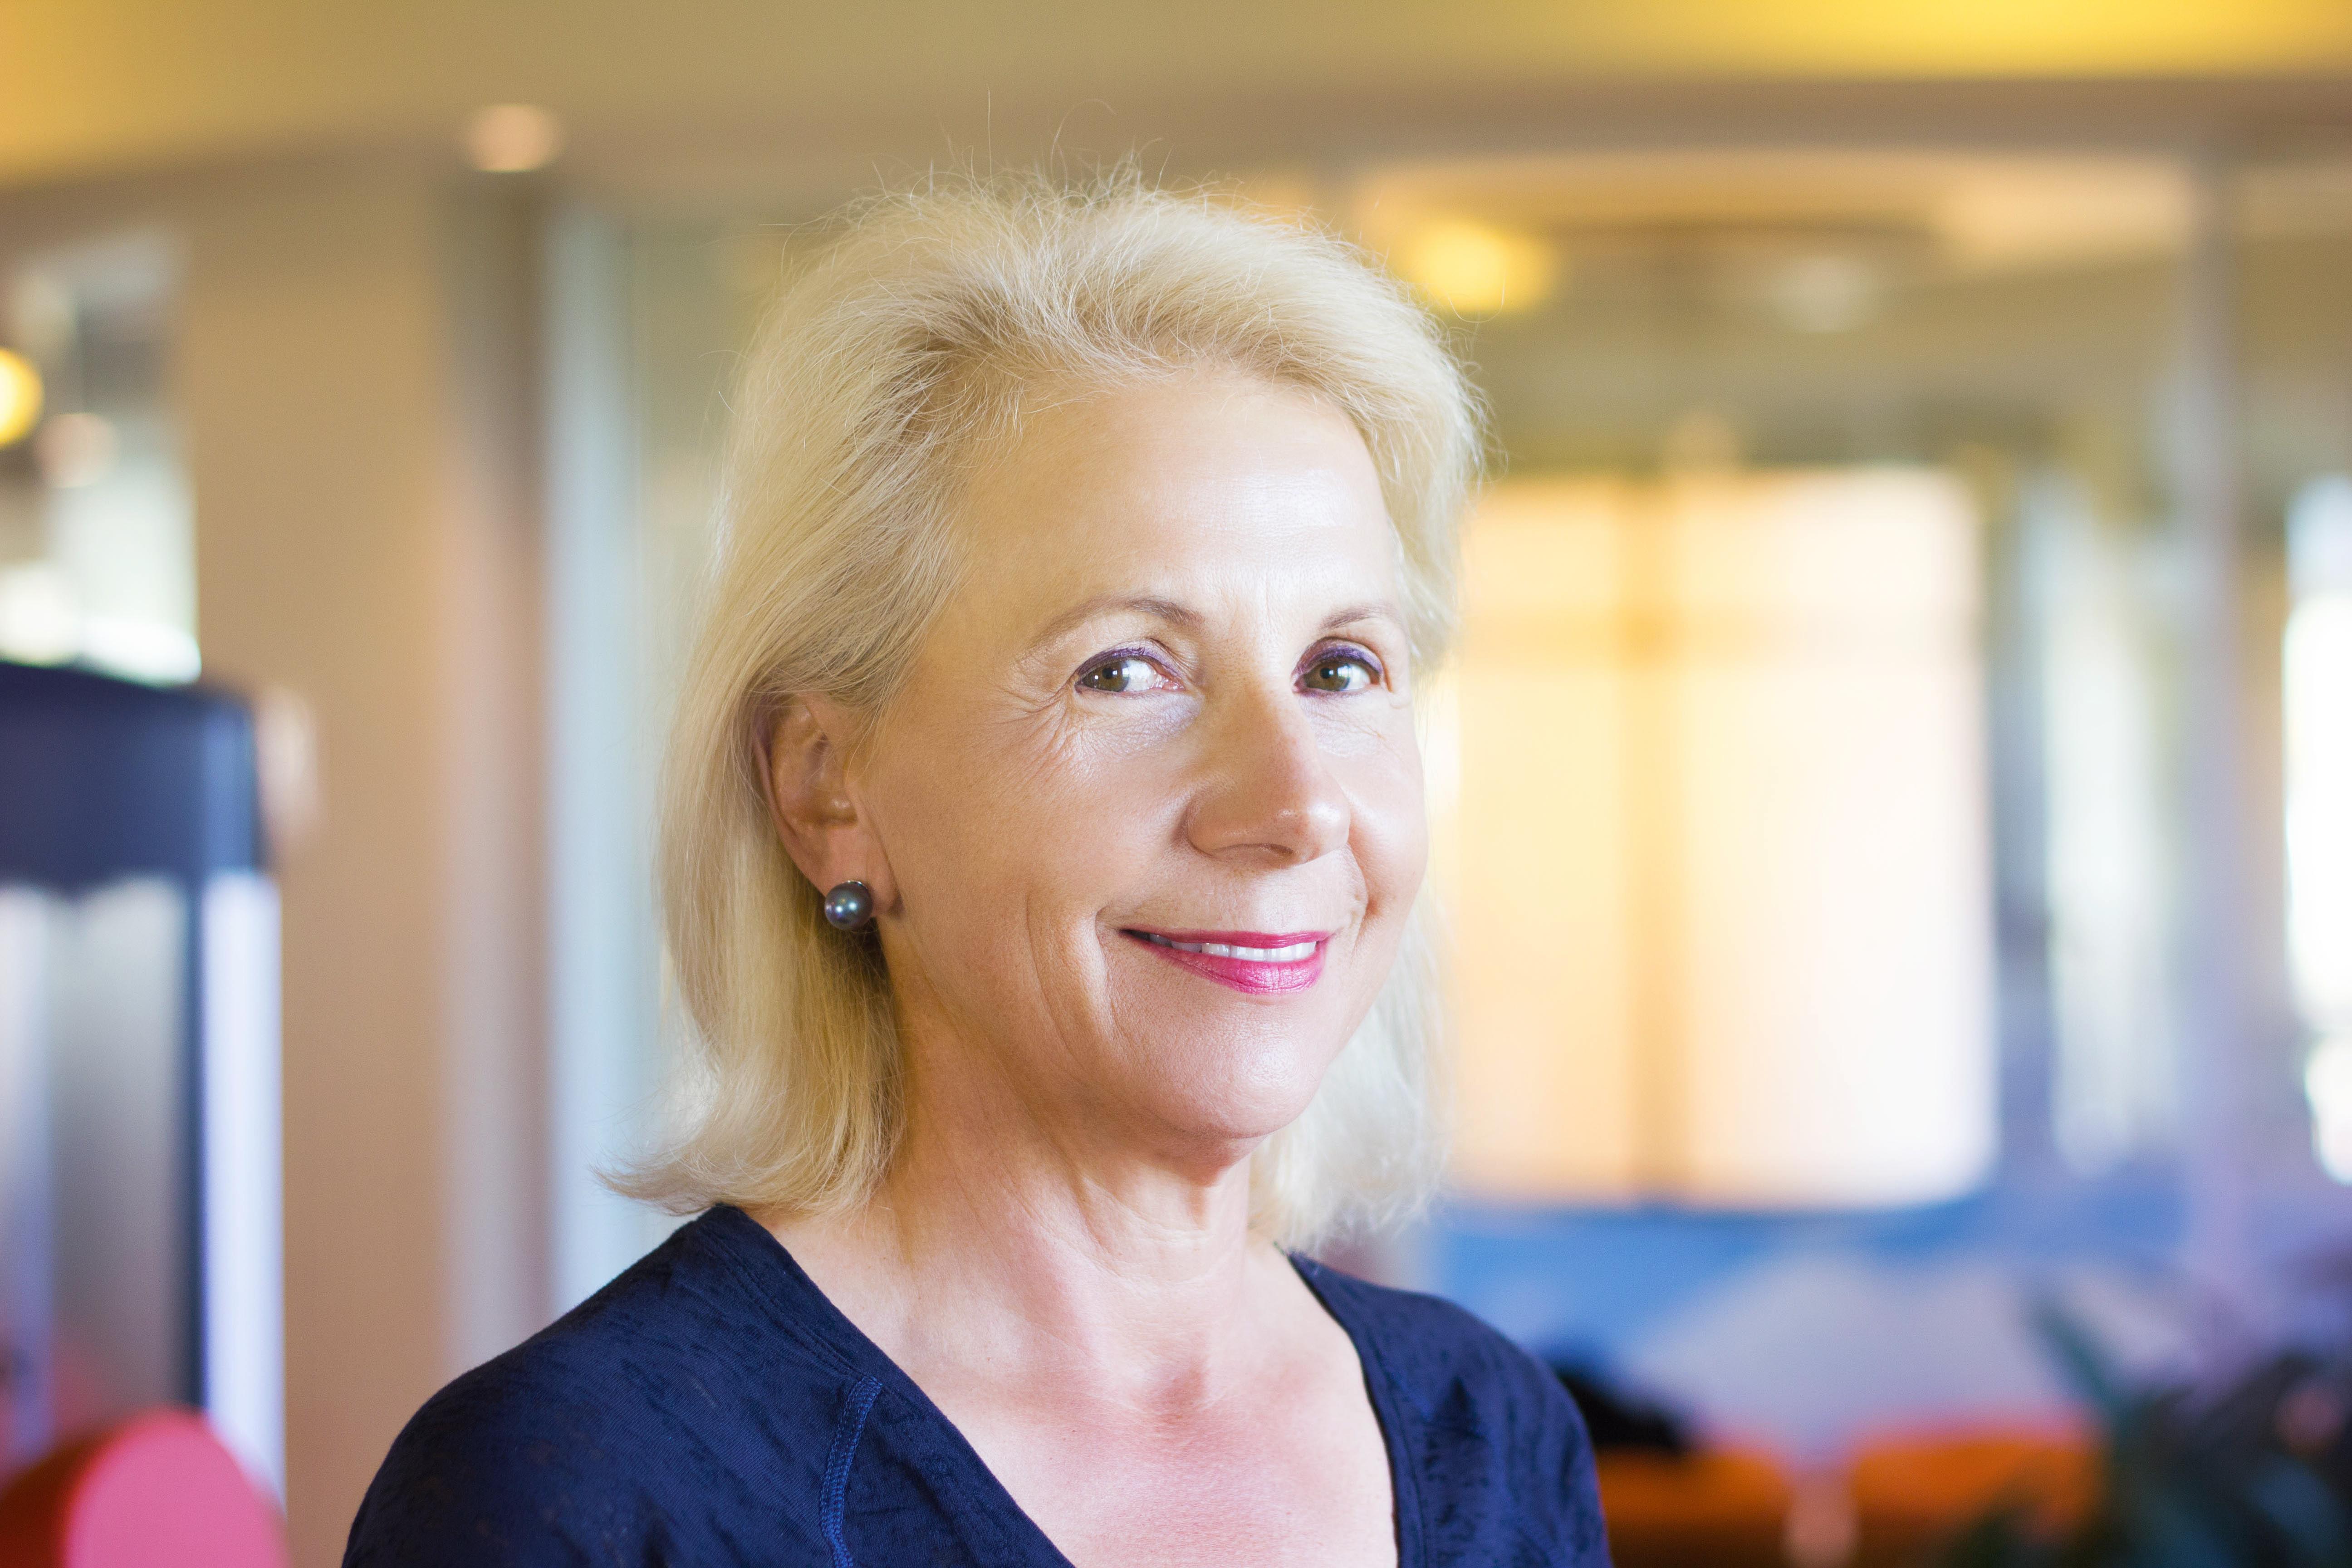 Marie Darapeau